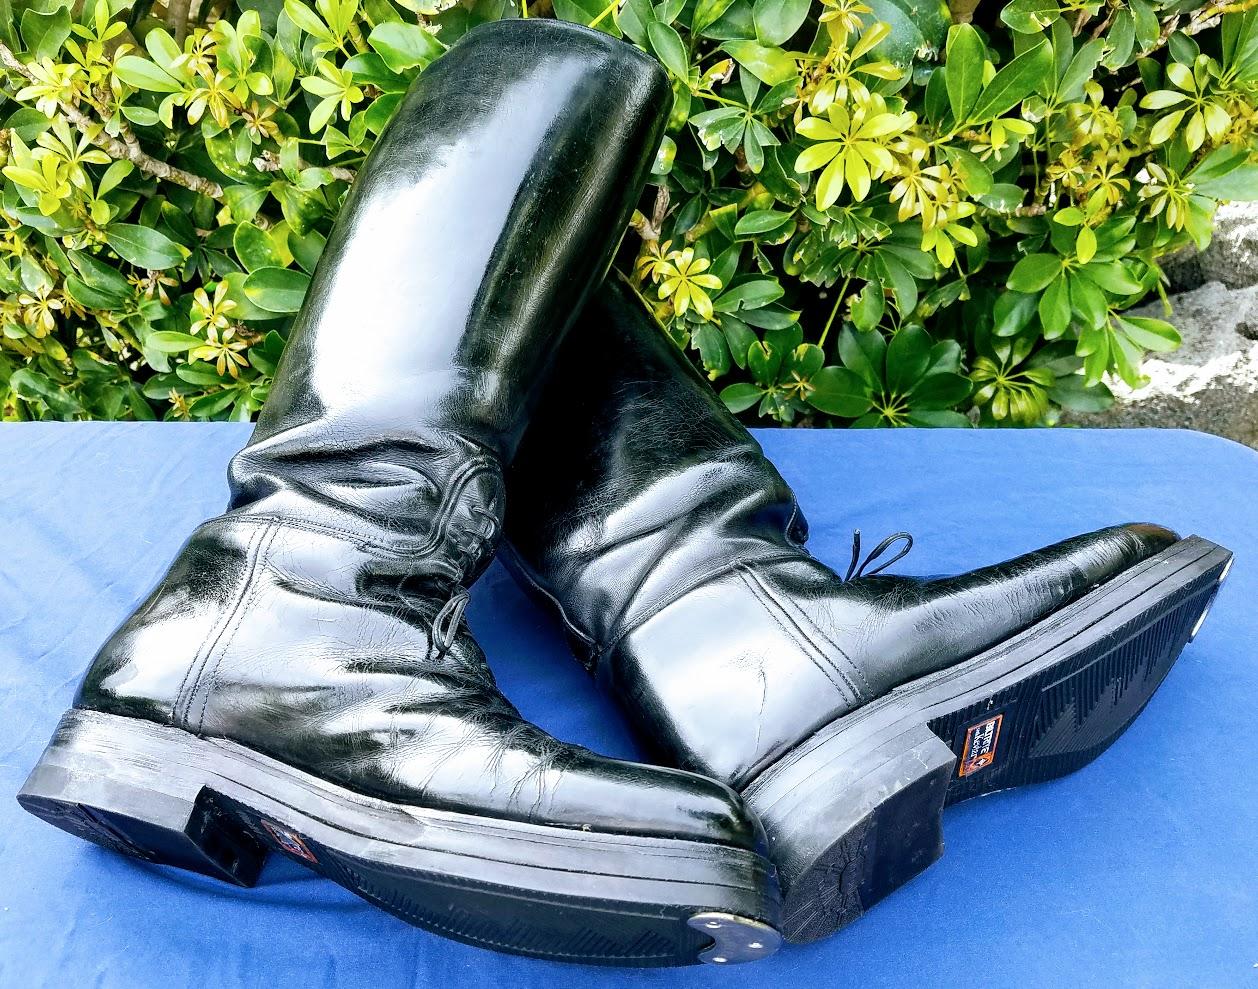 custom made dehner motor boots approximate size 10 5 e. Black Bedroom Furniture Sets. Home Design Ideas